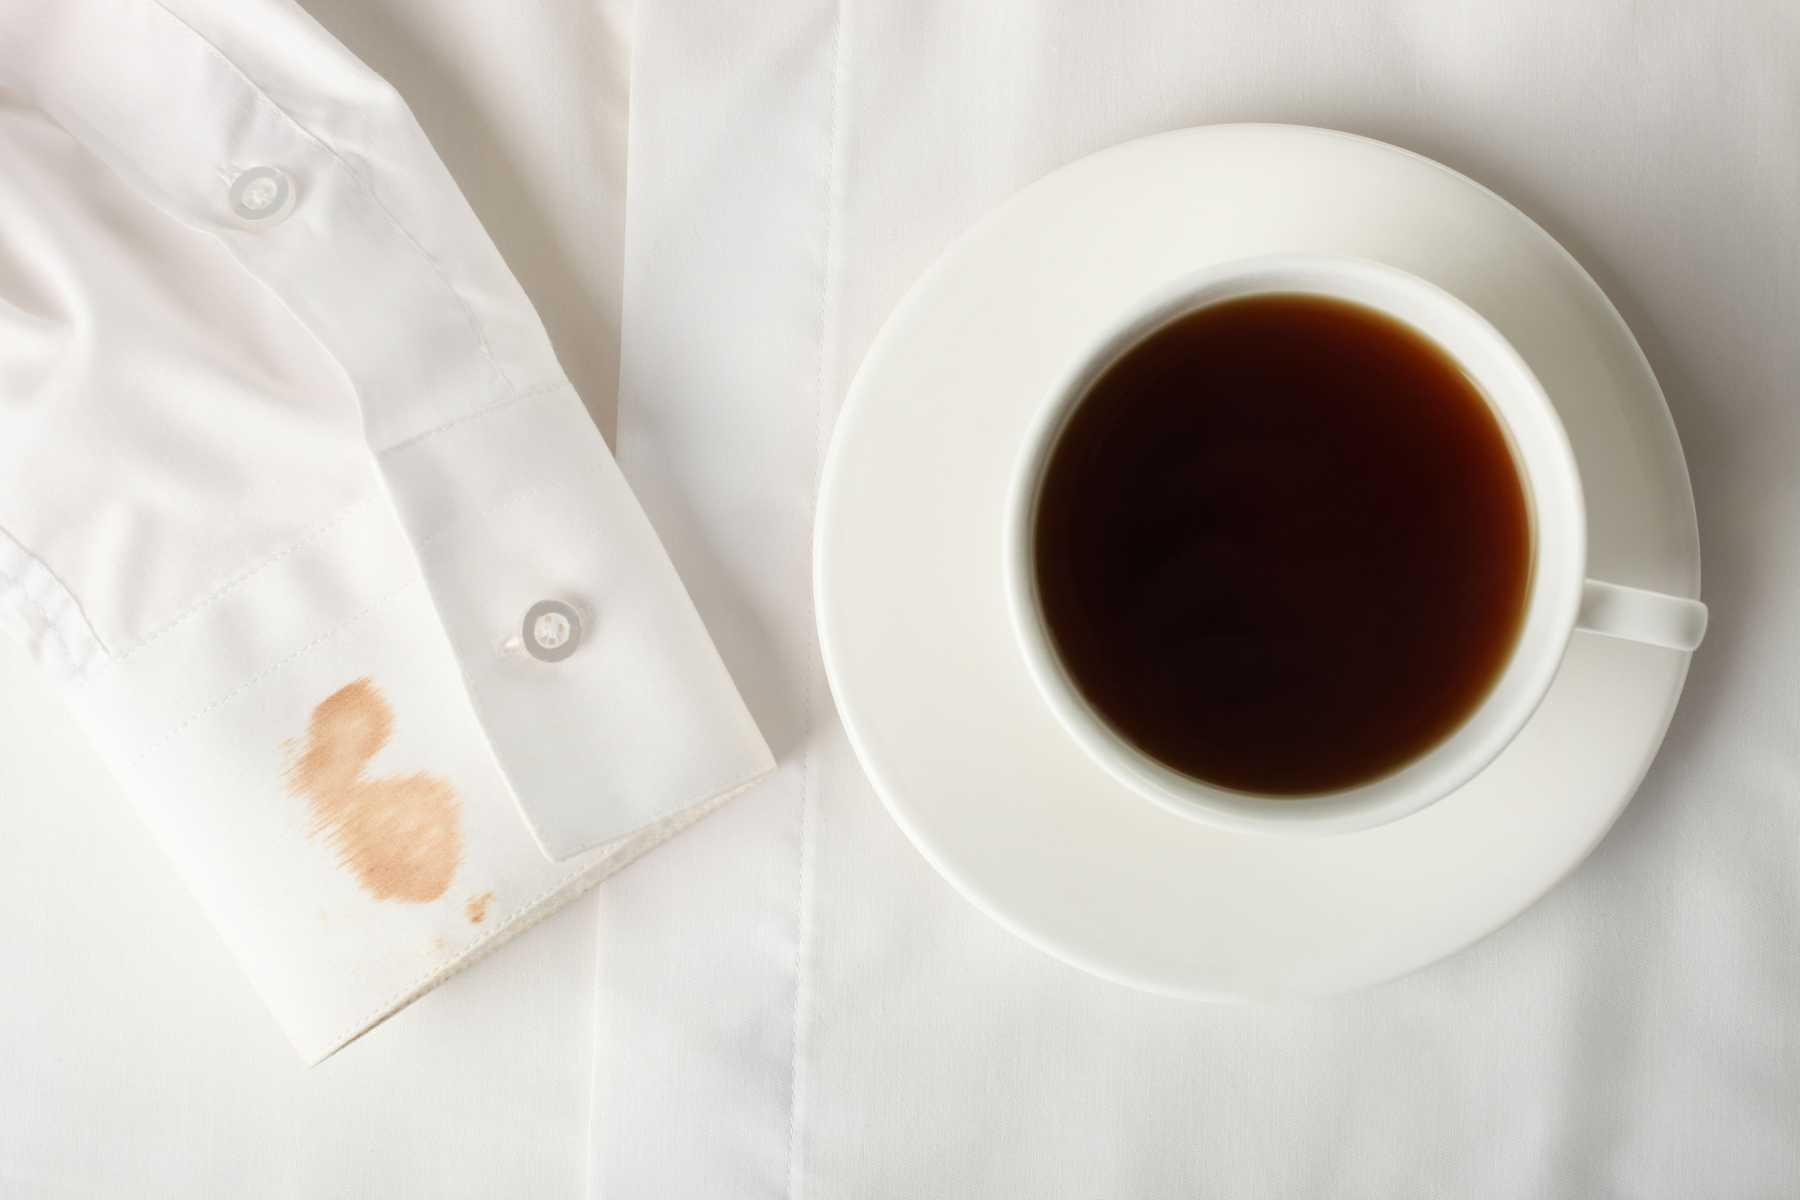 Отстирывается ли чай с белого